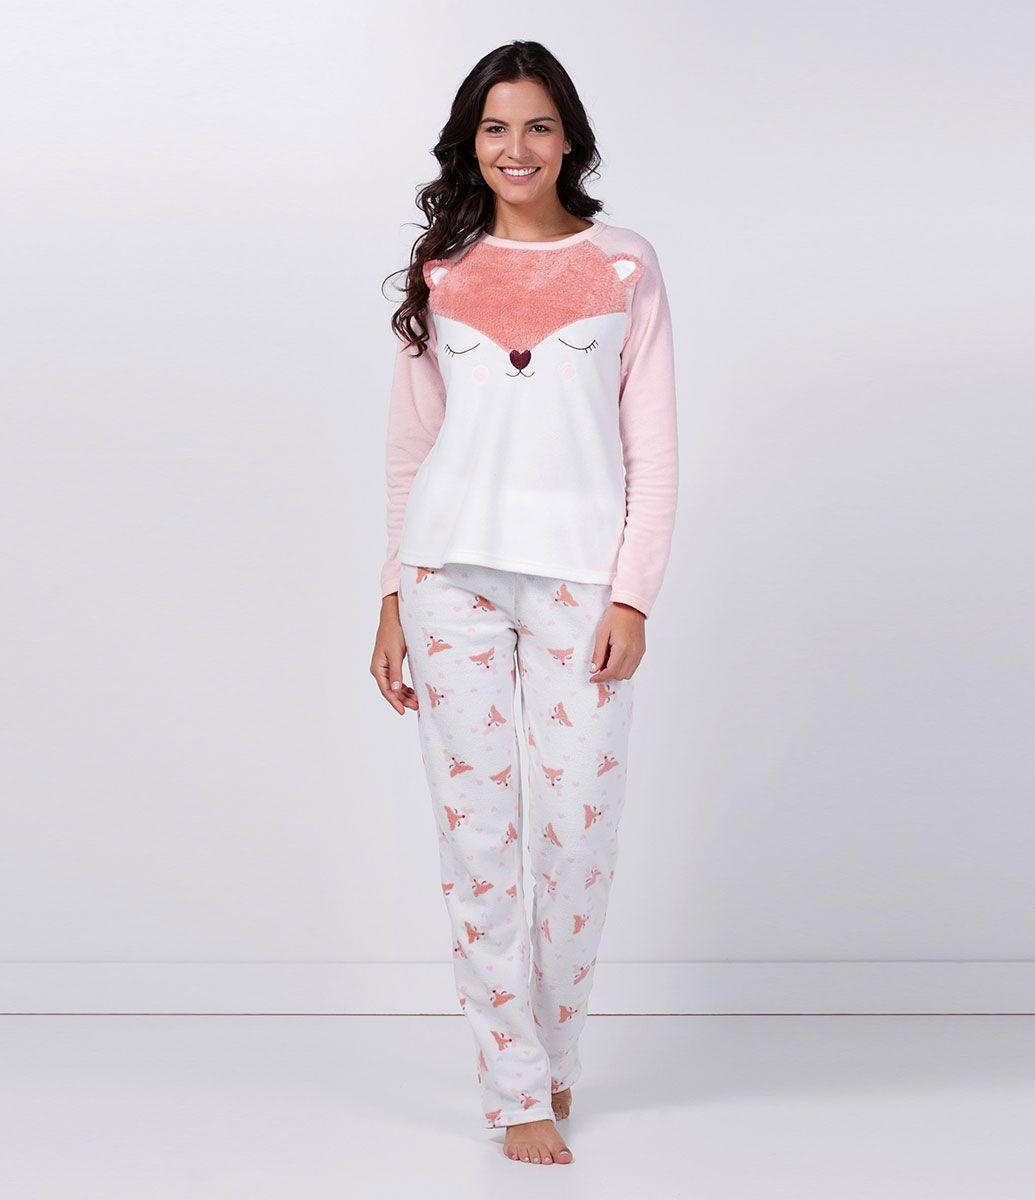 64e995f5d71e75 Pijama feminino com bichinhos Tecido Fleece ou Soft Tamanho M Renner ...